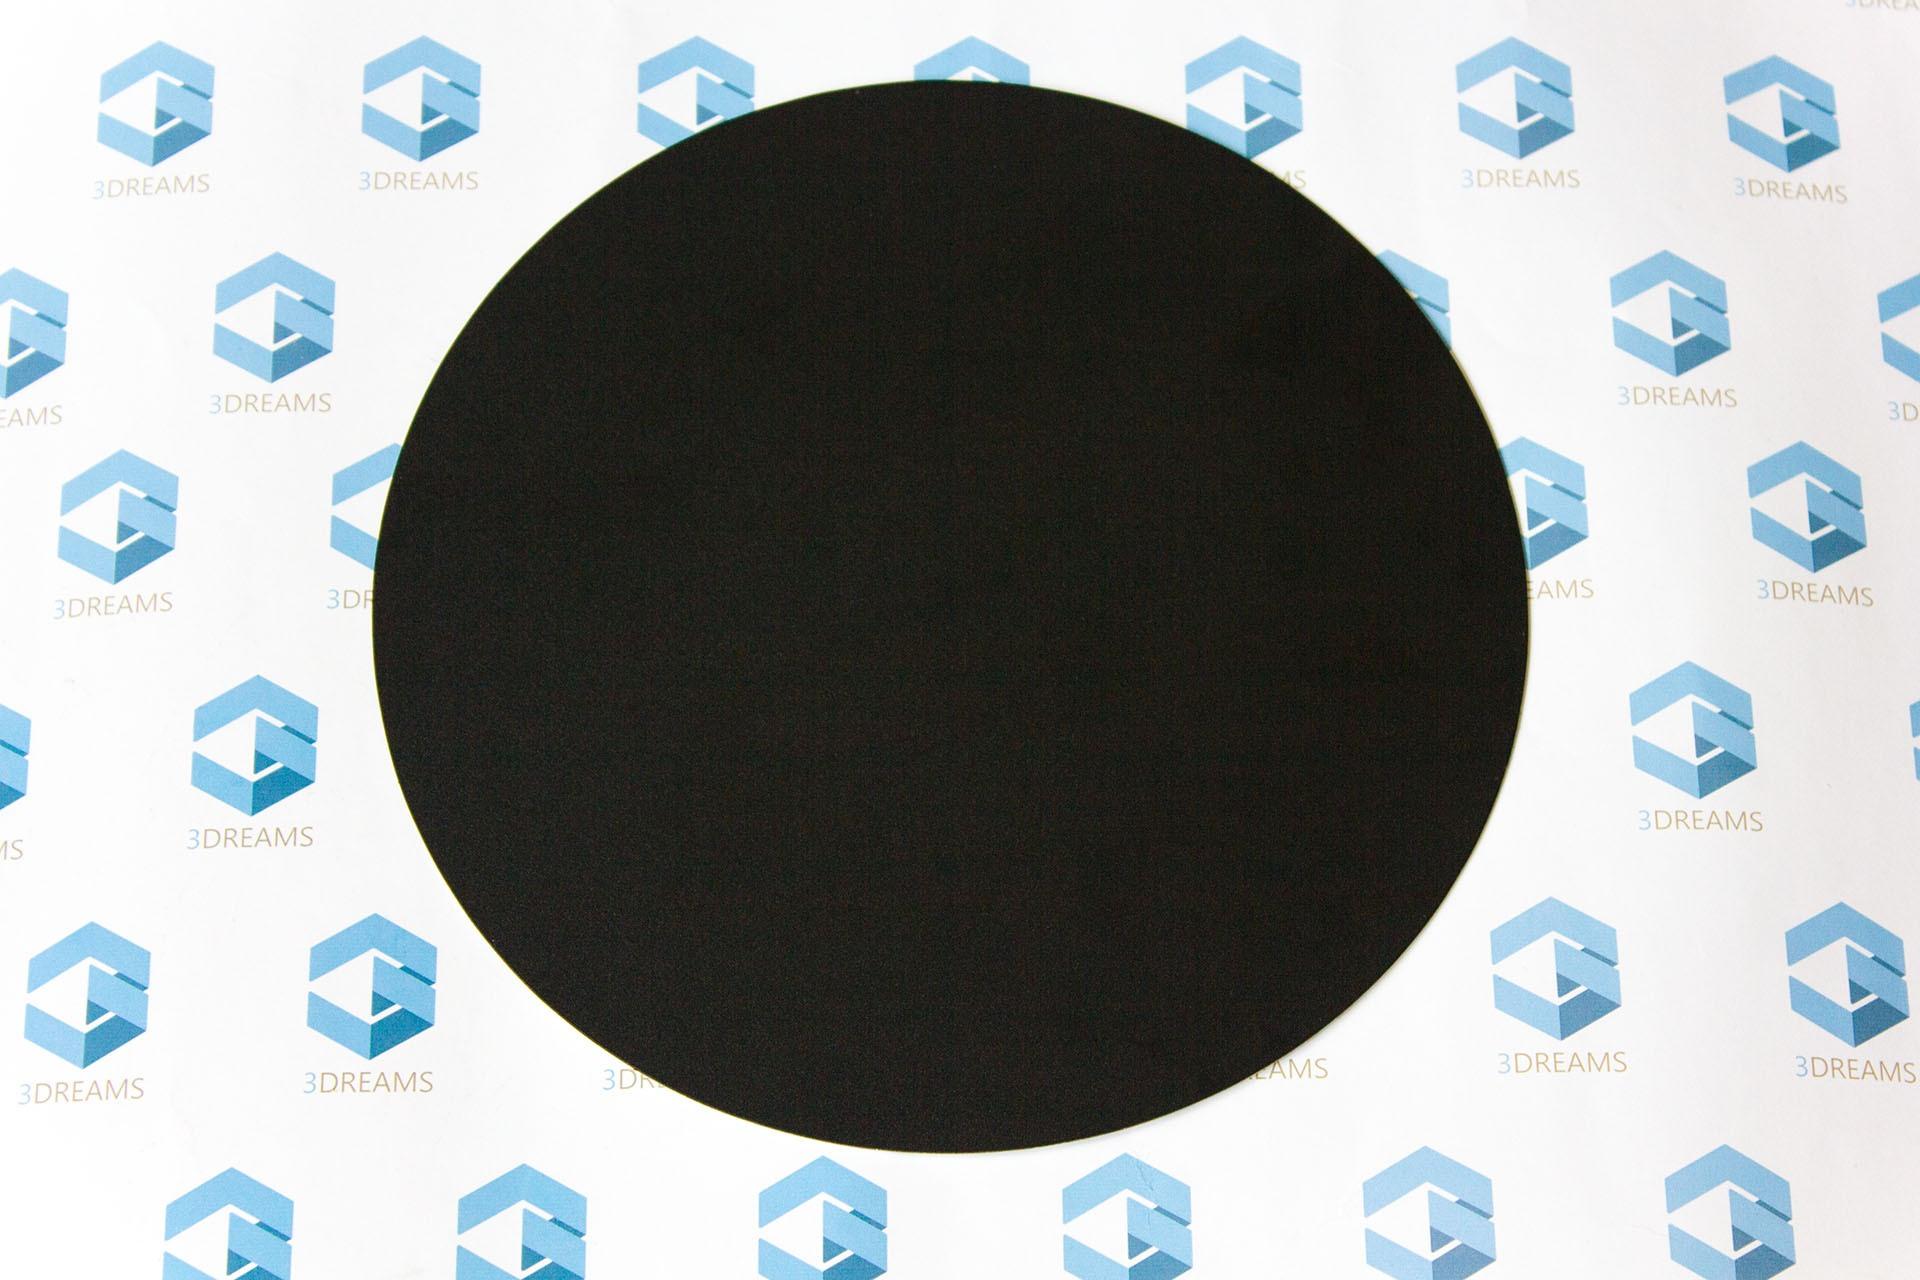 Круглый термоковрик для 3D принтера 220 х 220 мм купить украина